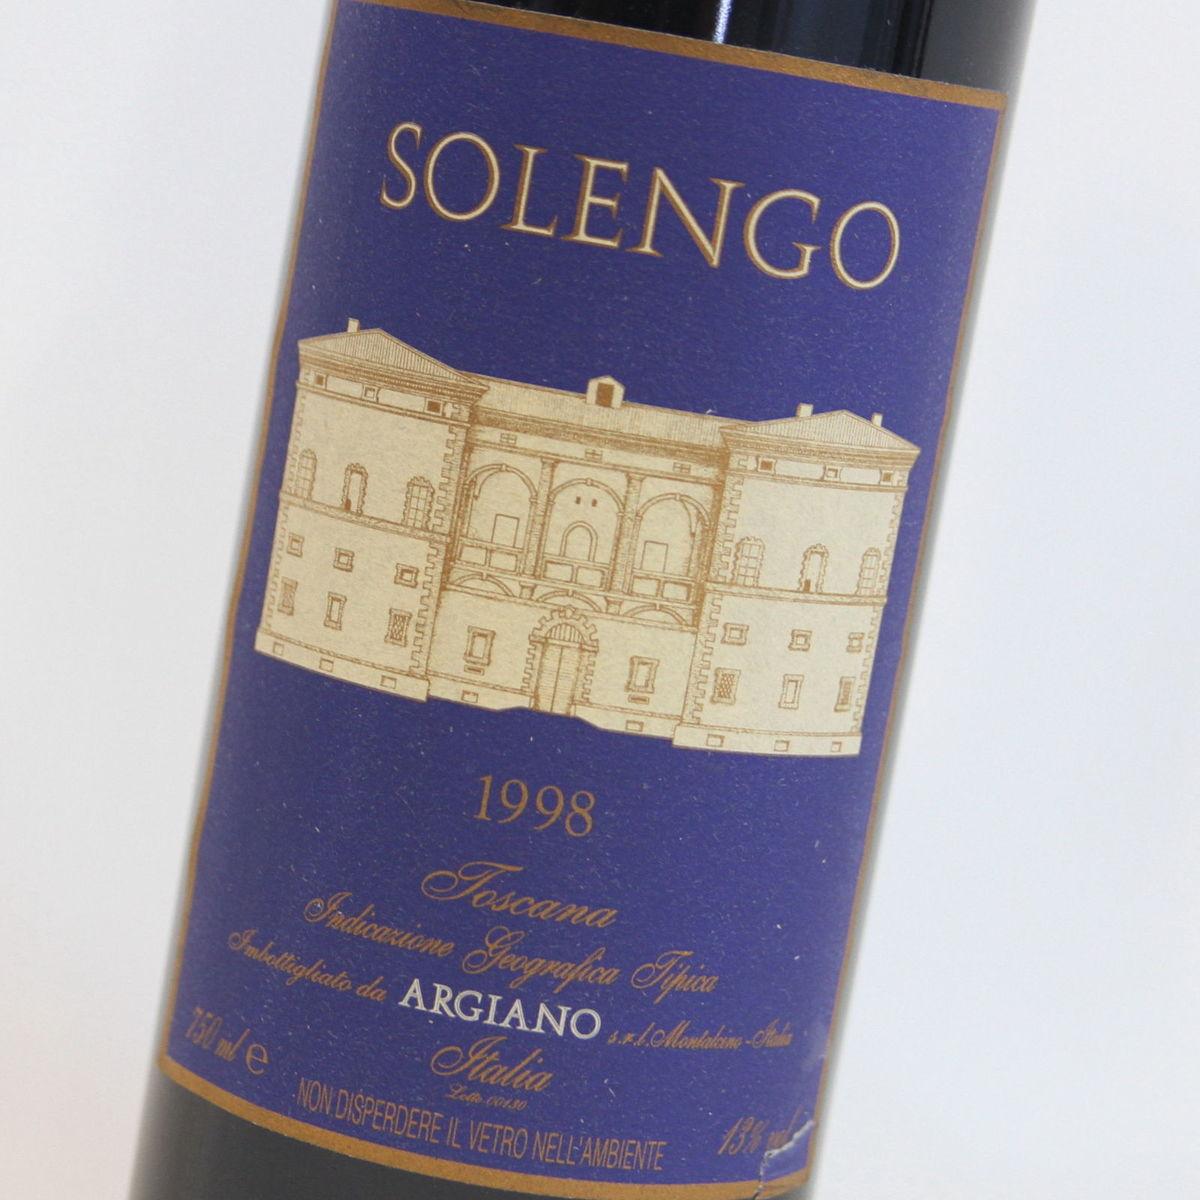 【1998年】ソレンゴ アルジャーノ Solengo Argiano イタリア トスカーナ州 カベルネ主体 赤ワイン 750ml